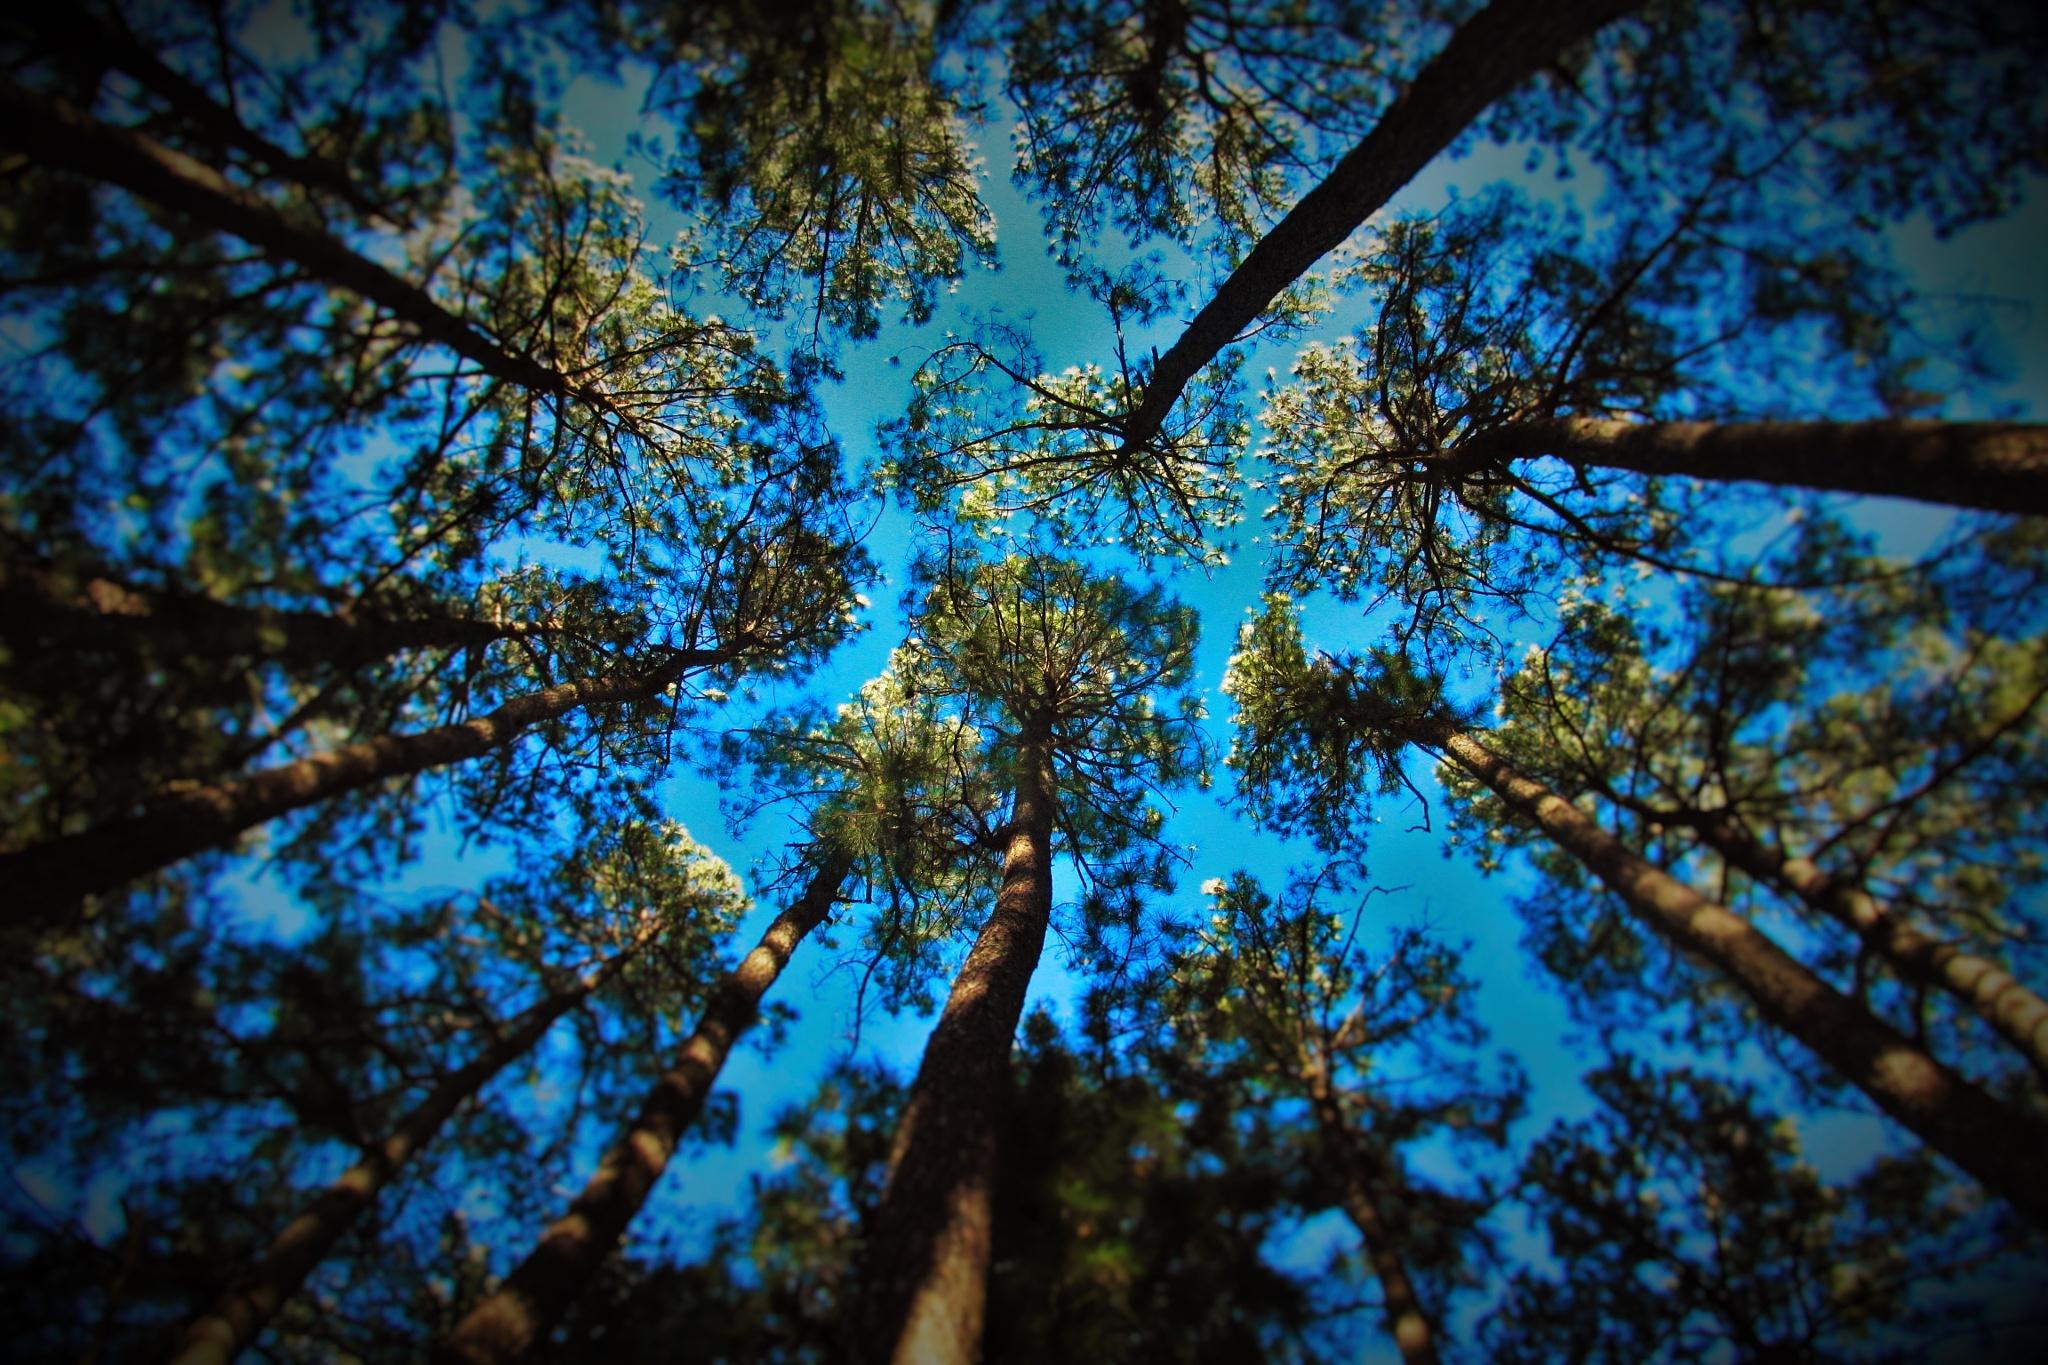 Reaching for the heavens by brant.stevenson